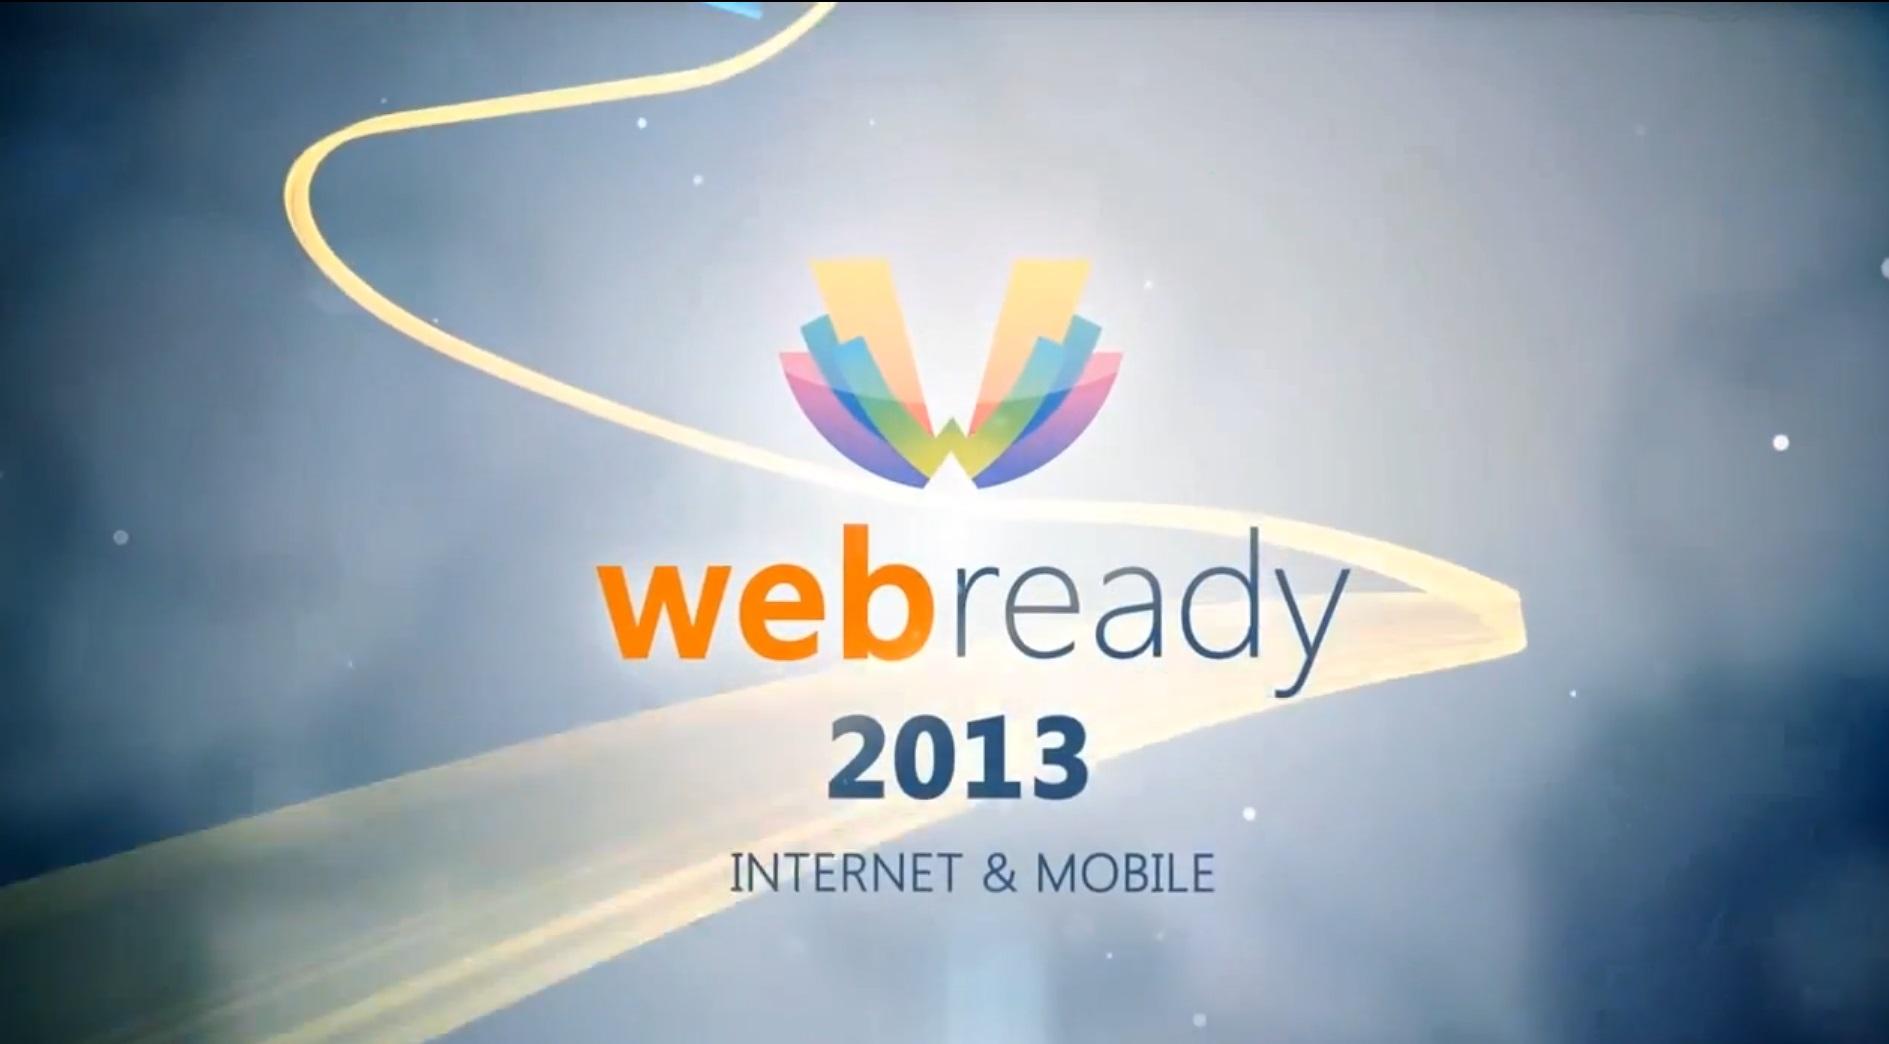 Webready 2013 (Skolkovo)